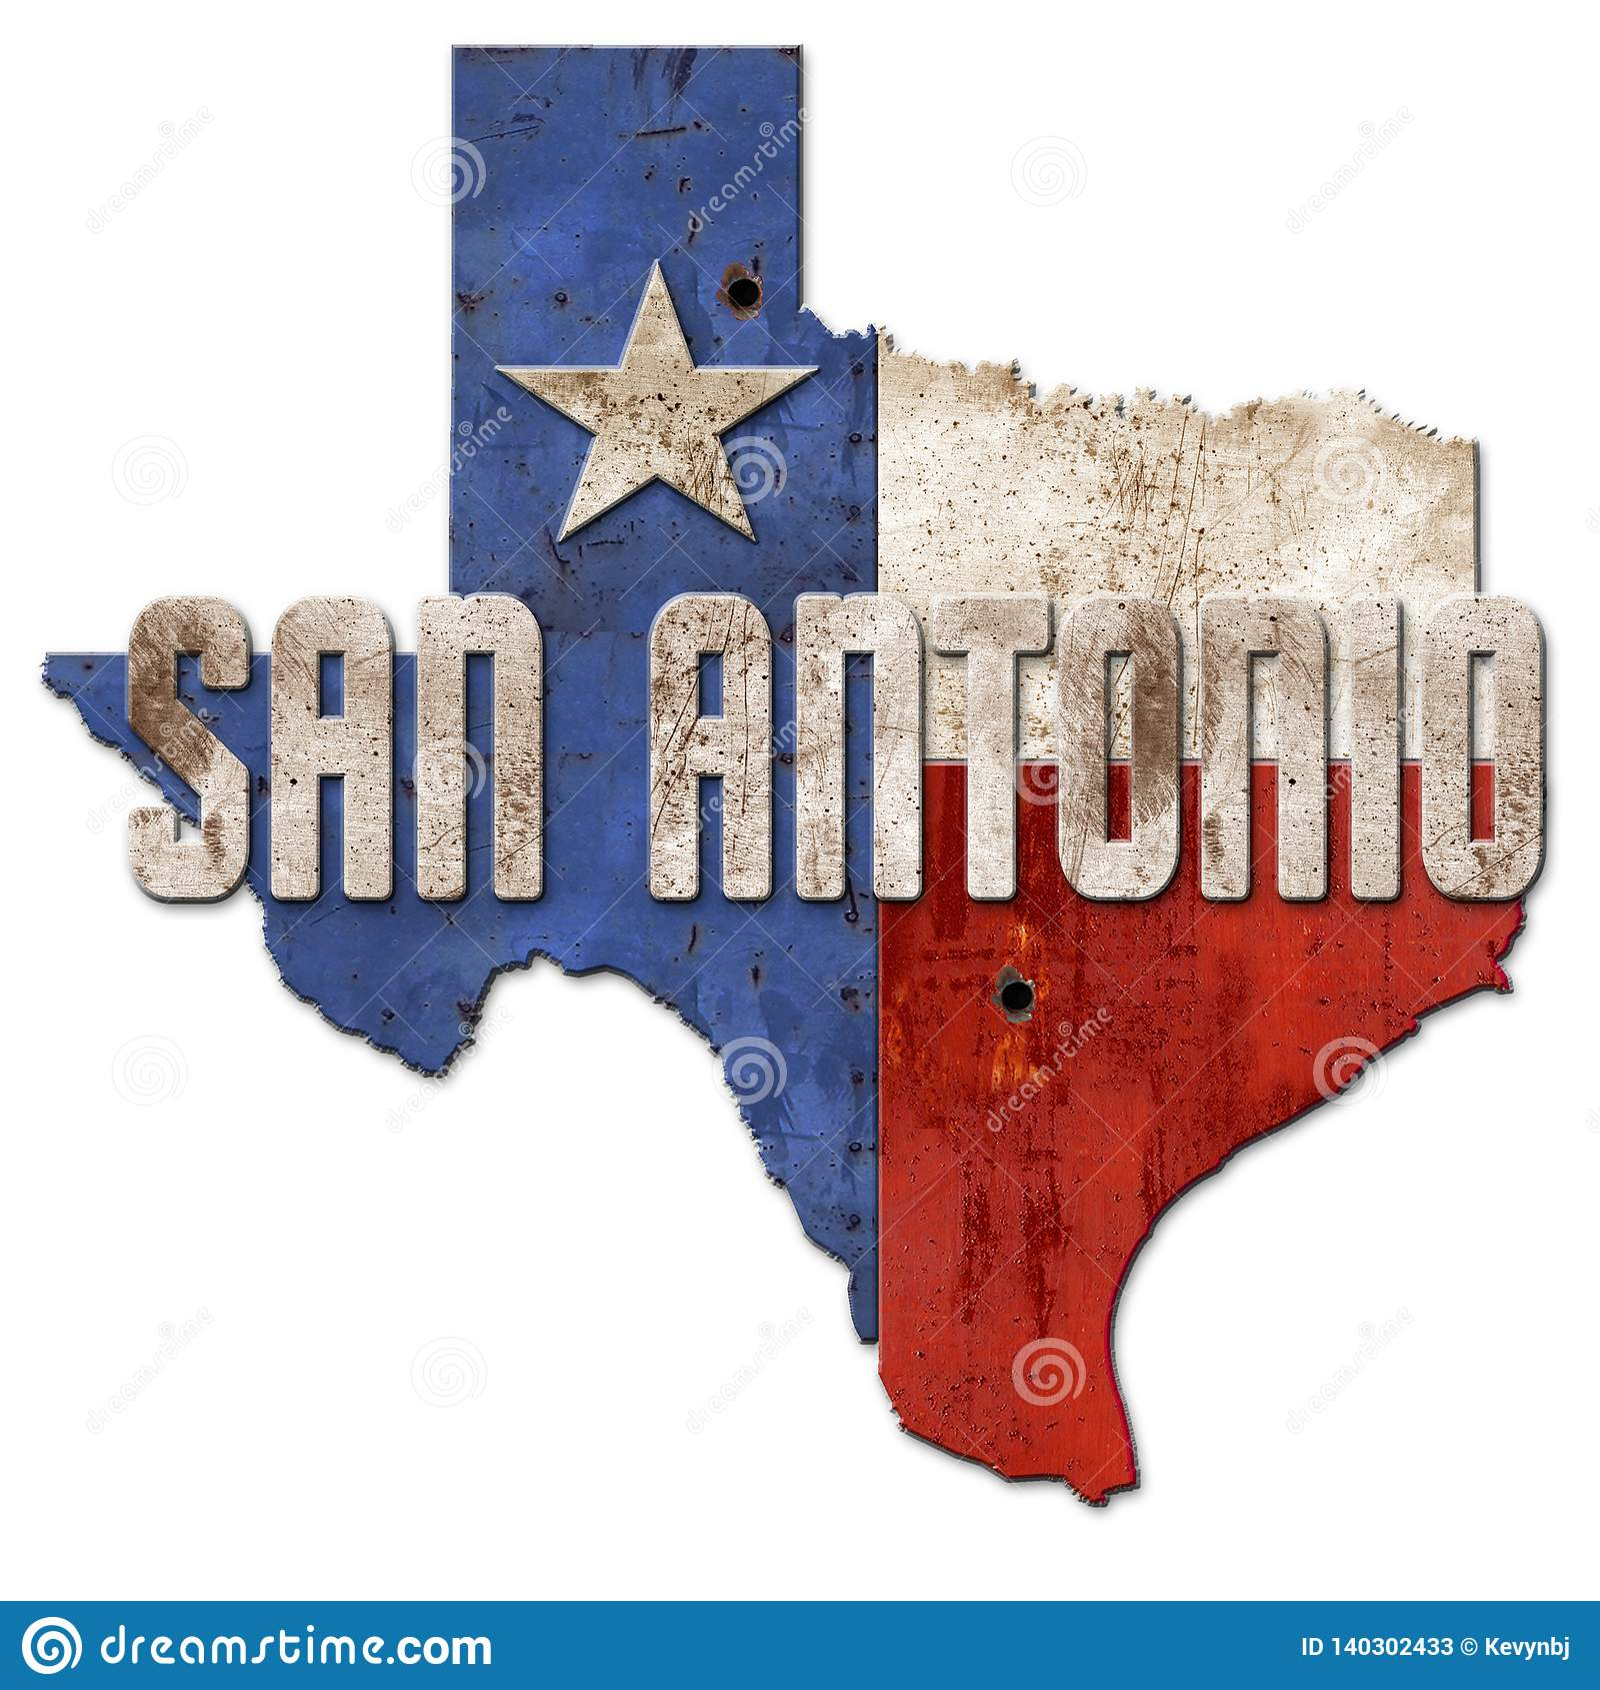 San Antonio znaka Grunge Teksas flagi Lone Star metal